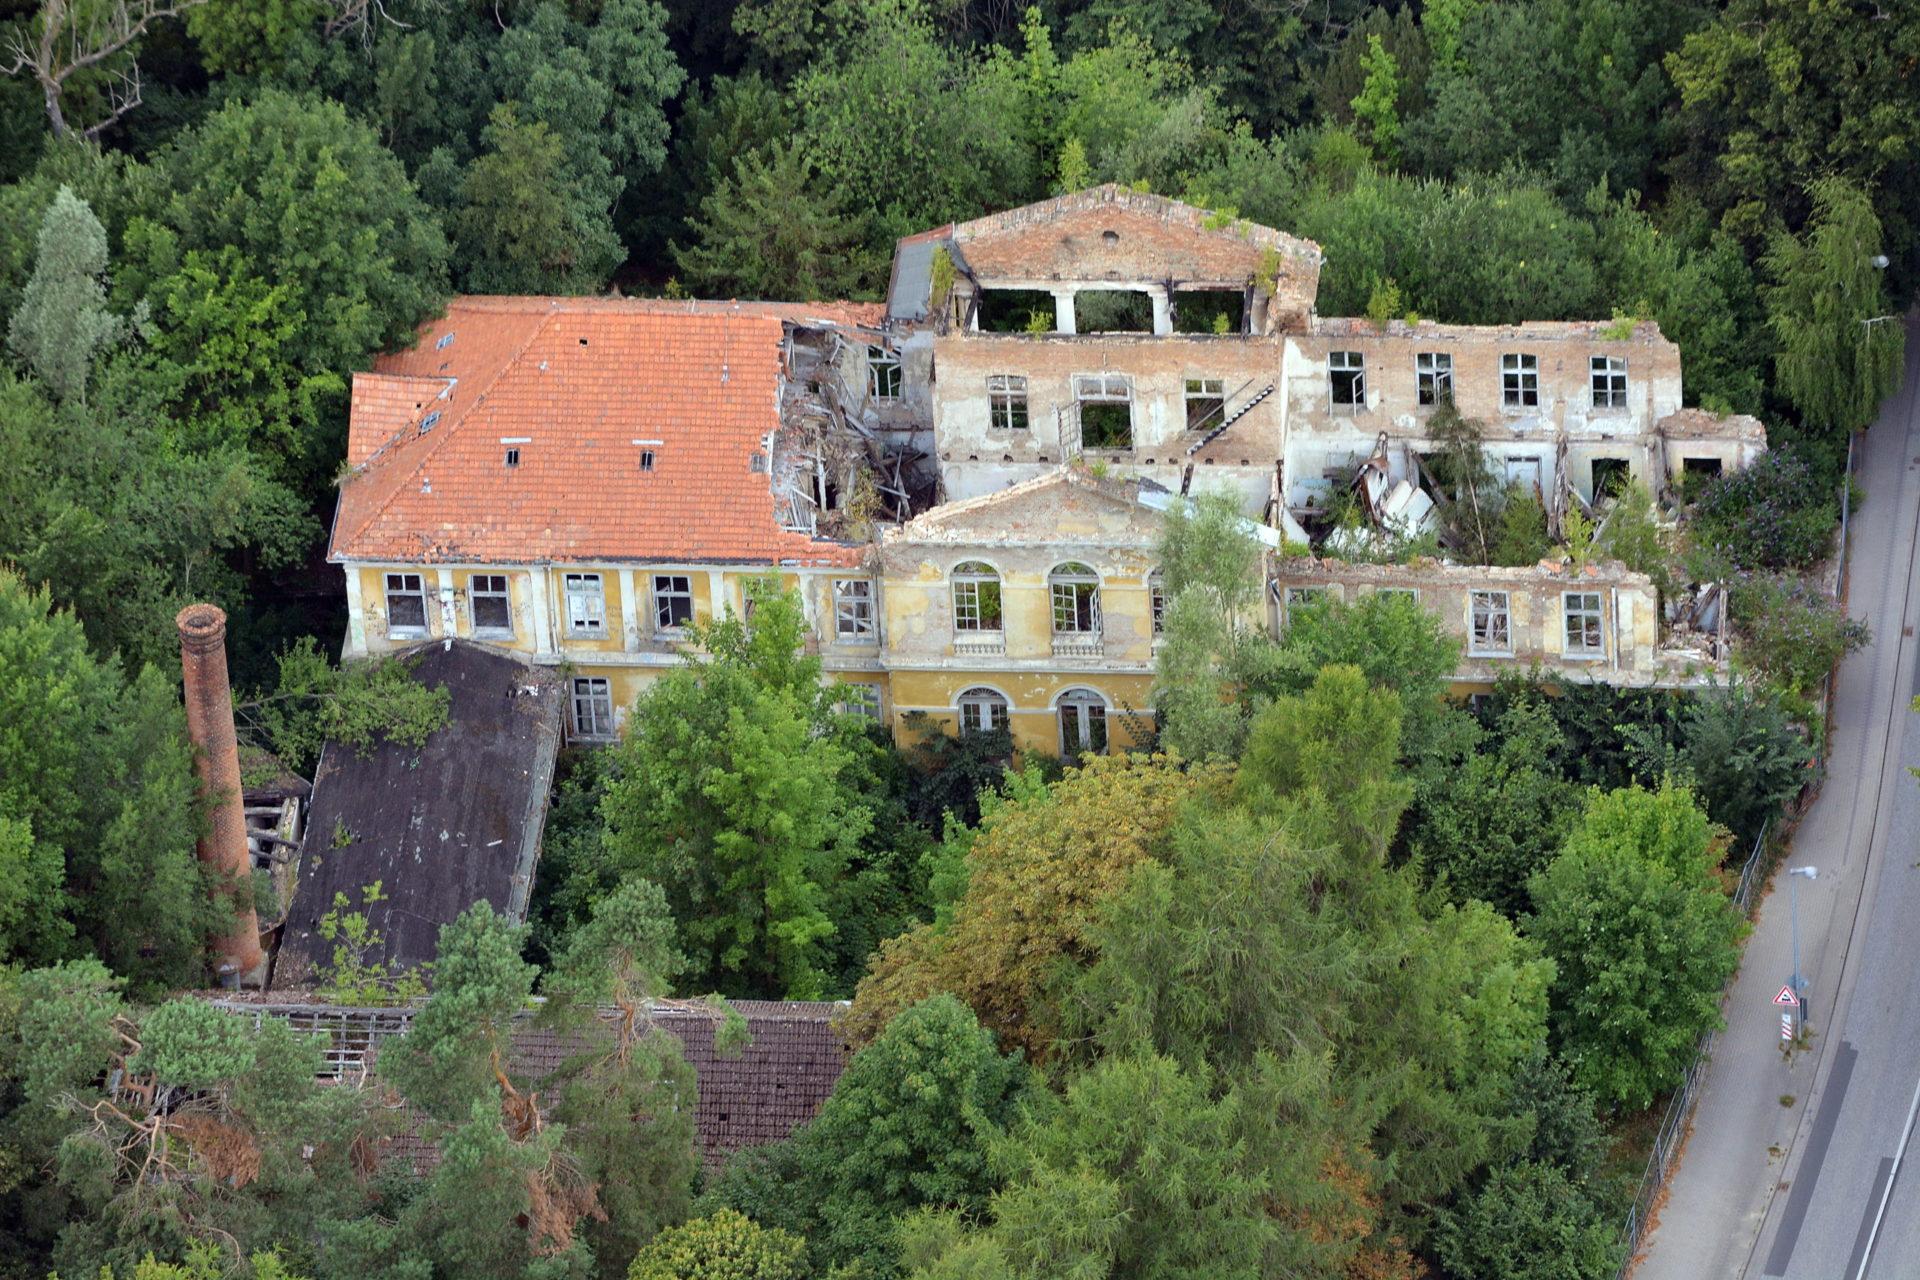 Luftbild von der Stahlbad-Ruine bzw Moorbad-Ruine Bad Doberan